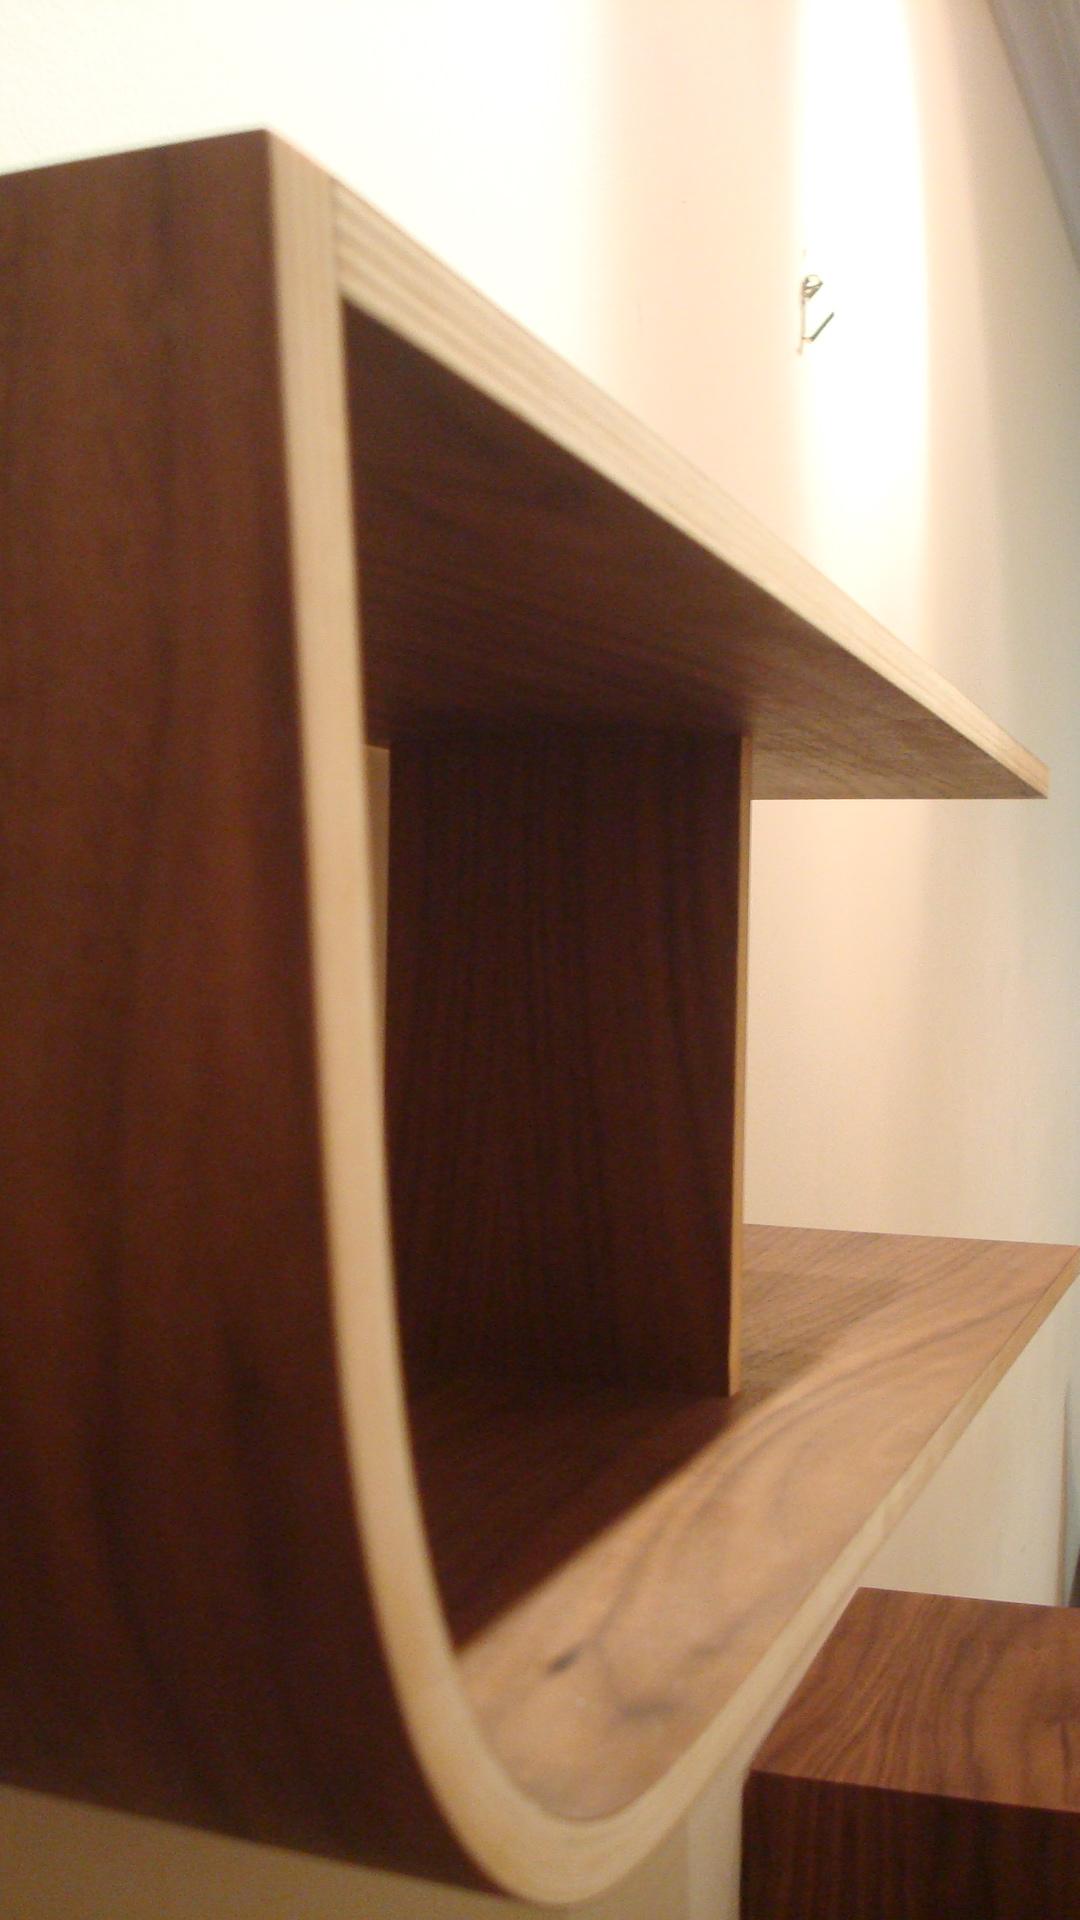 Bent Plywood Shelf TatomKH